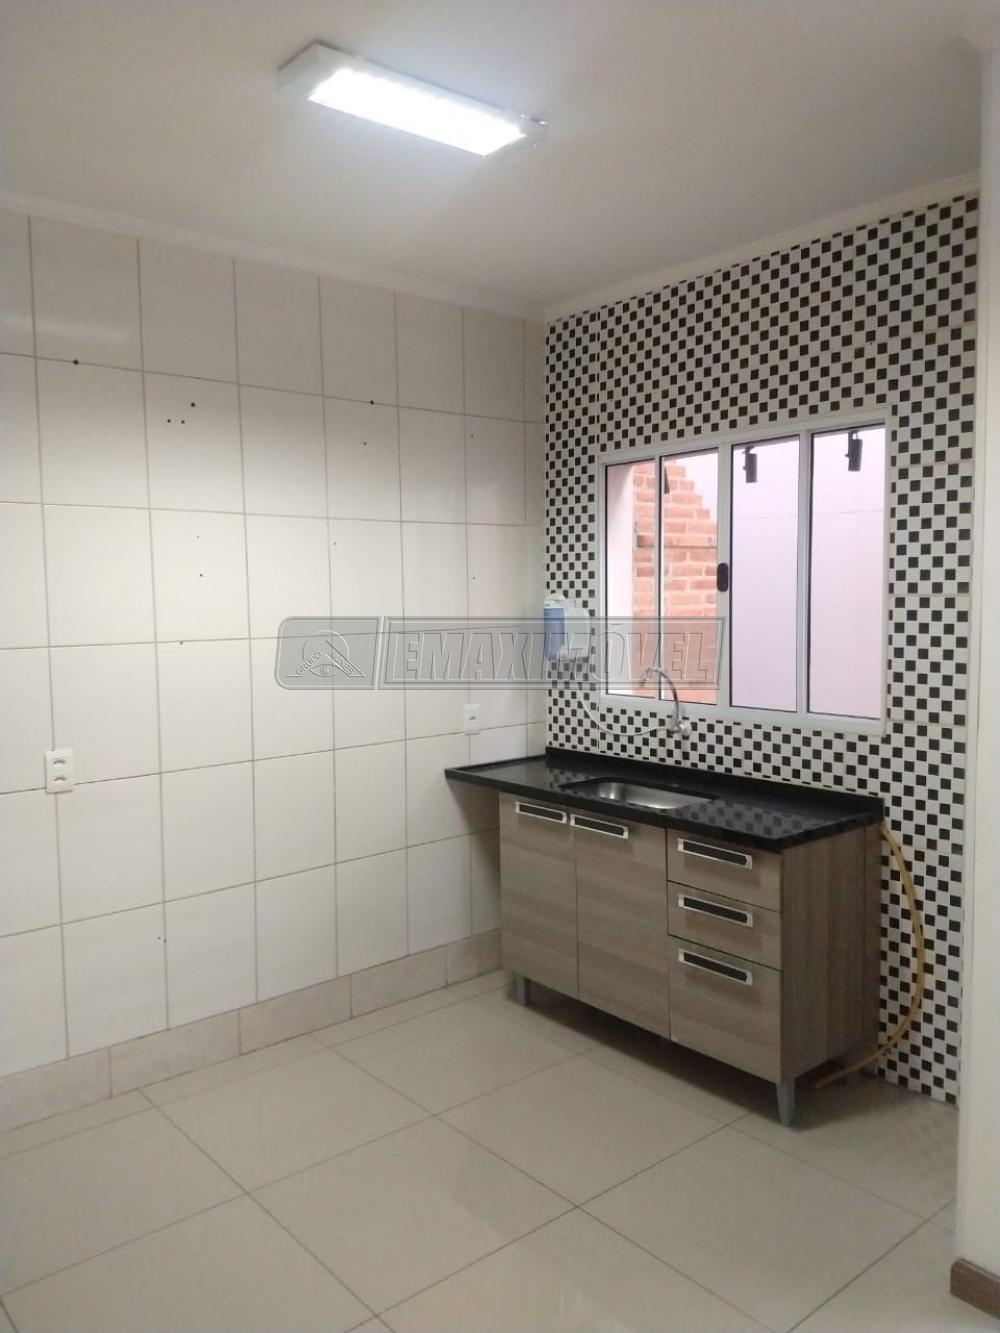 Comprar Casas / em Bairros em Sorocaba apenas R$ 179.500,00 - Foto 6